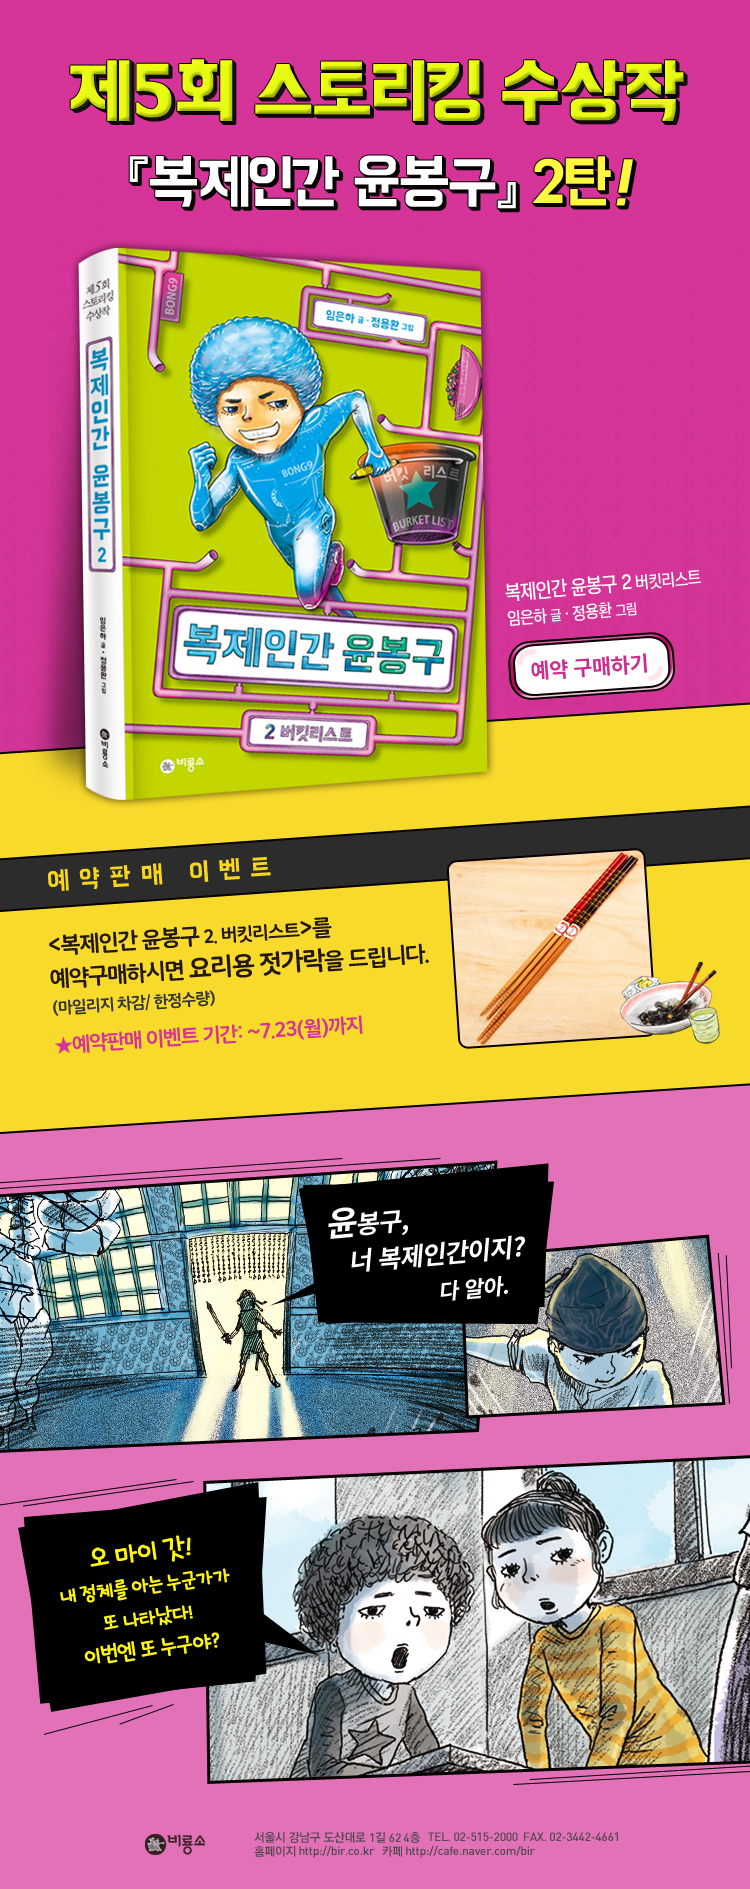 예판_복제인간윤봉구2